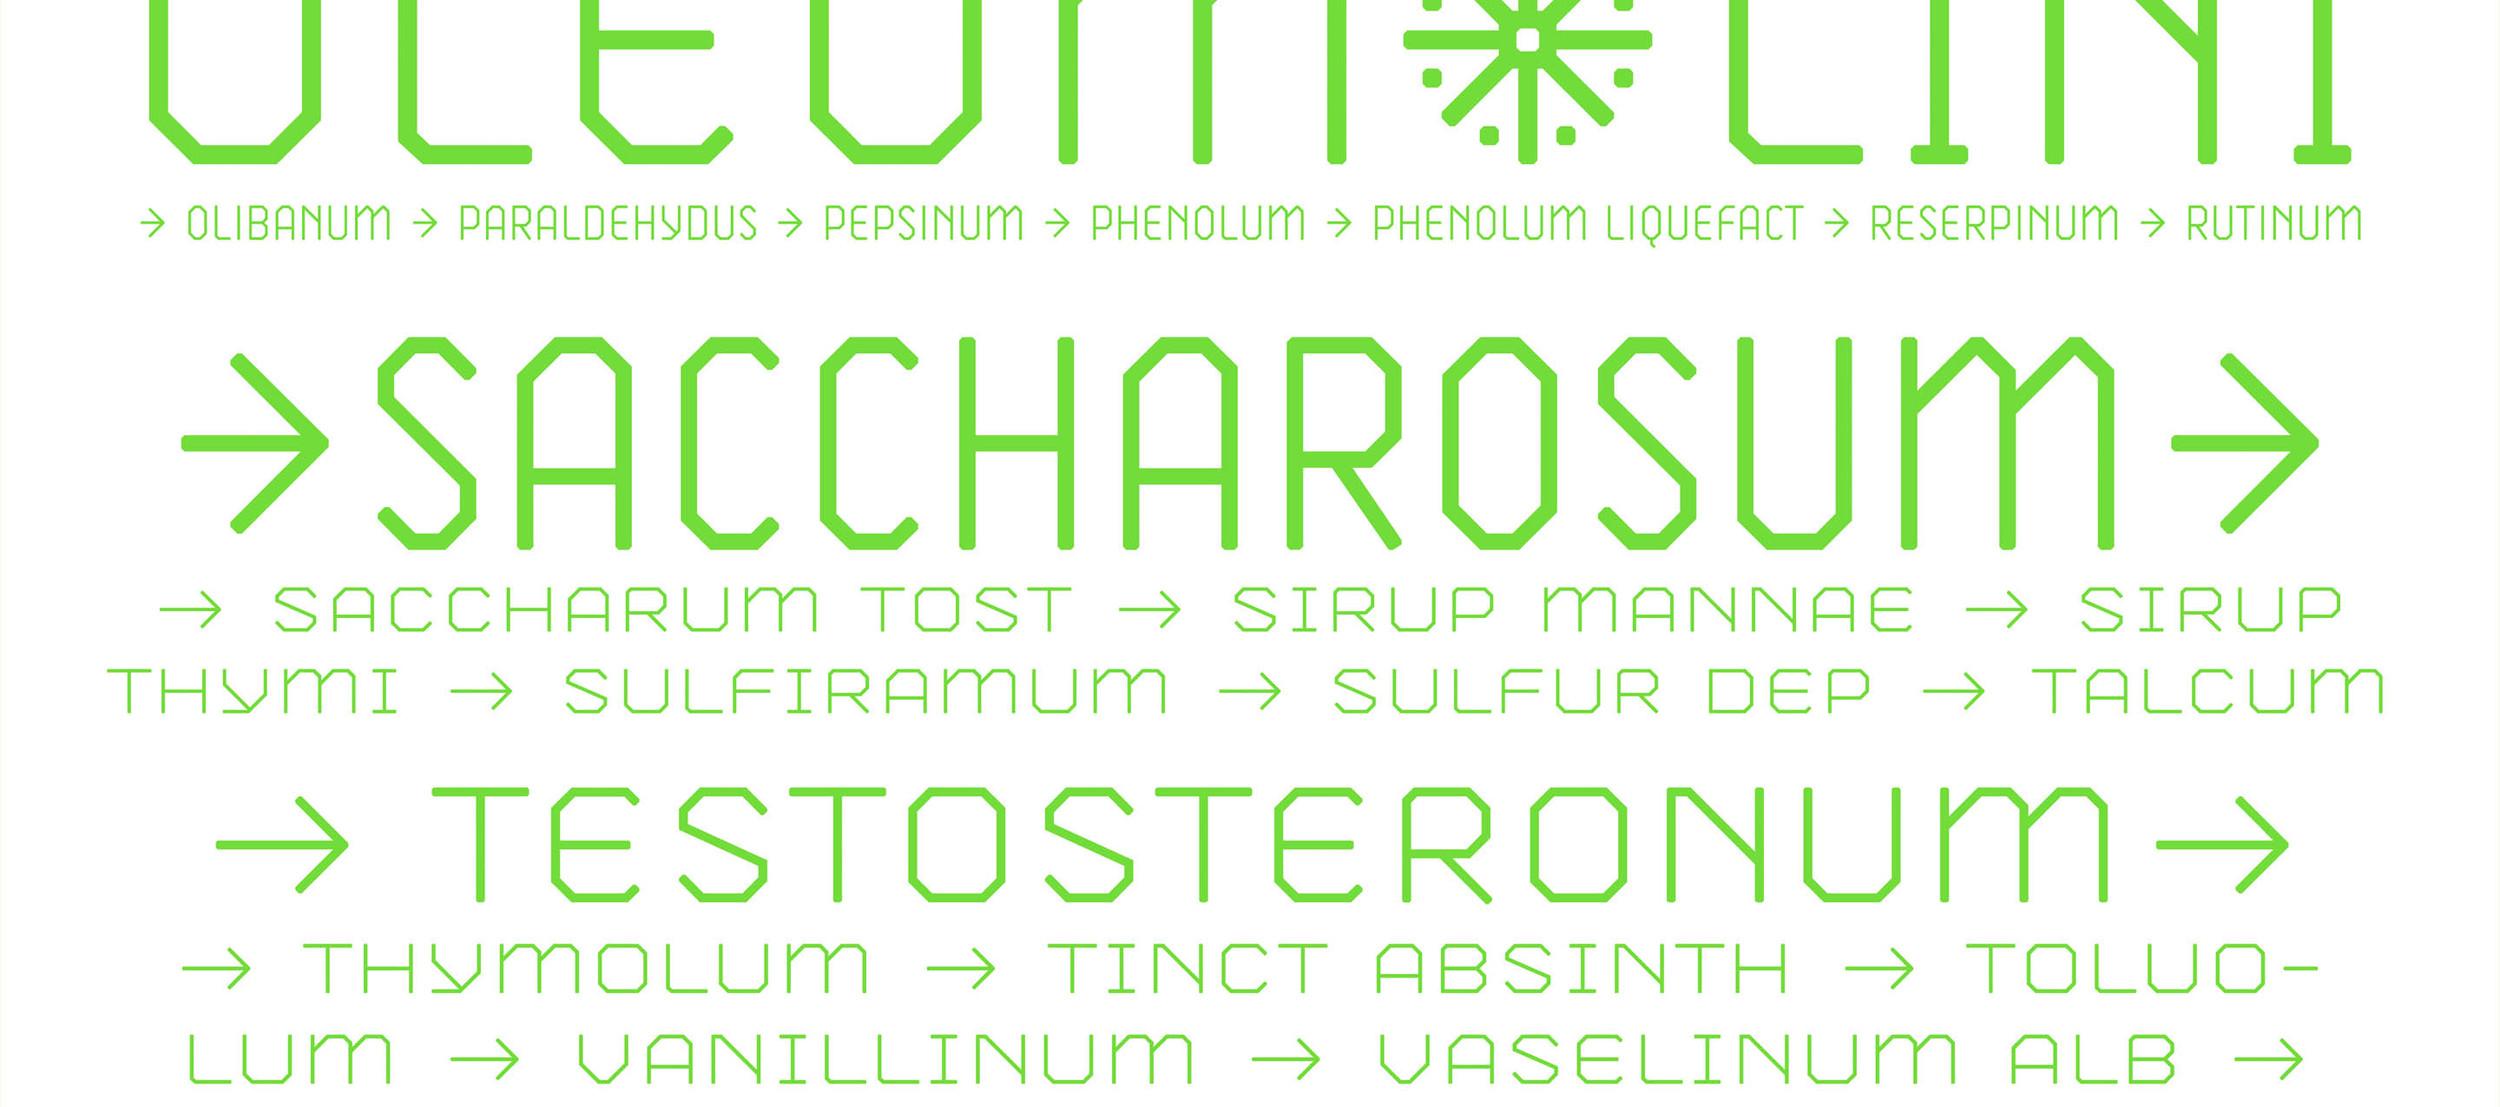 aspirin_für_karin_simonitsch-9_P.jpg